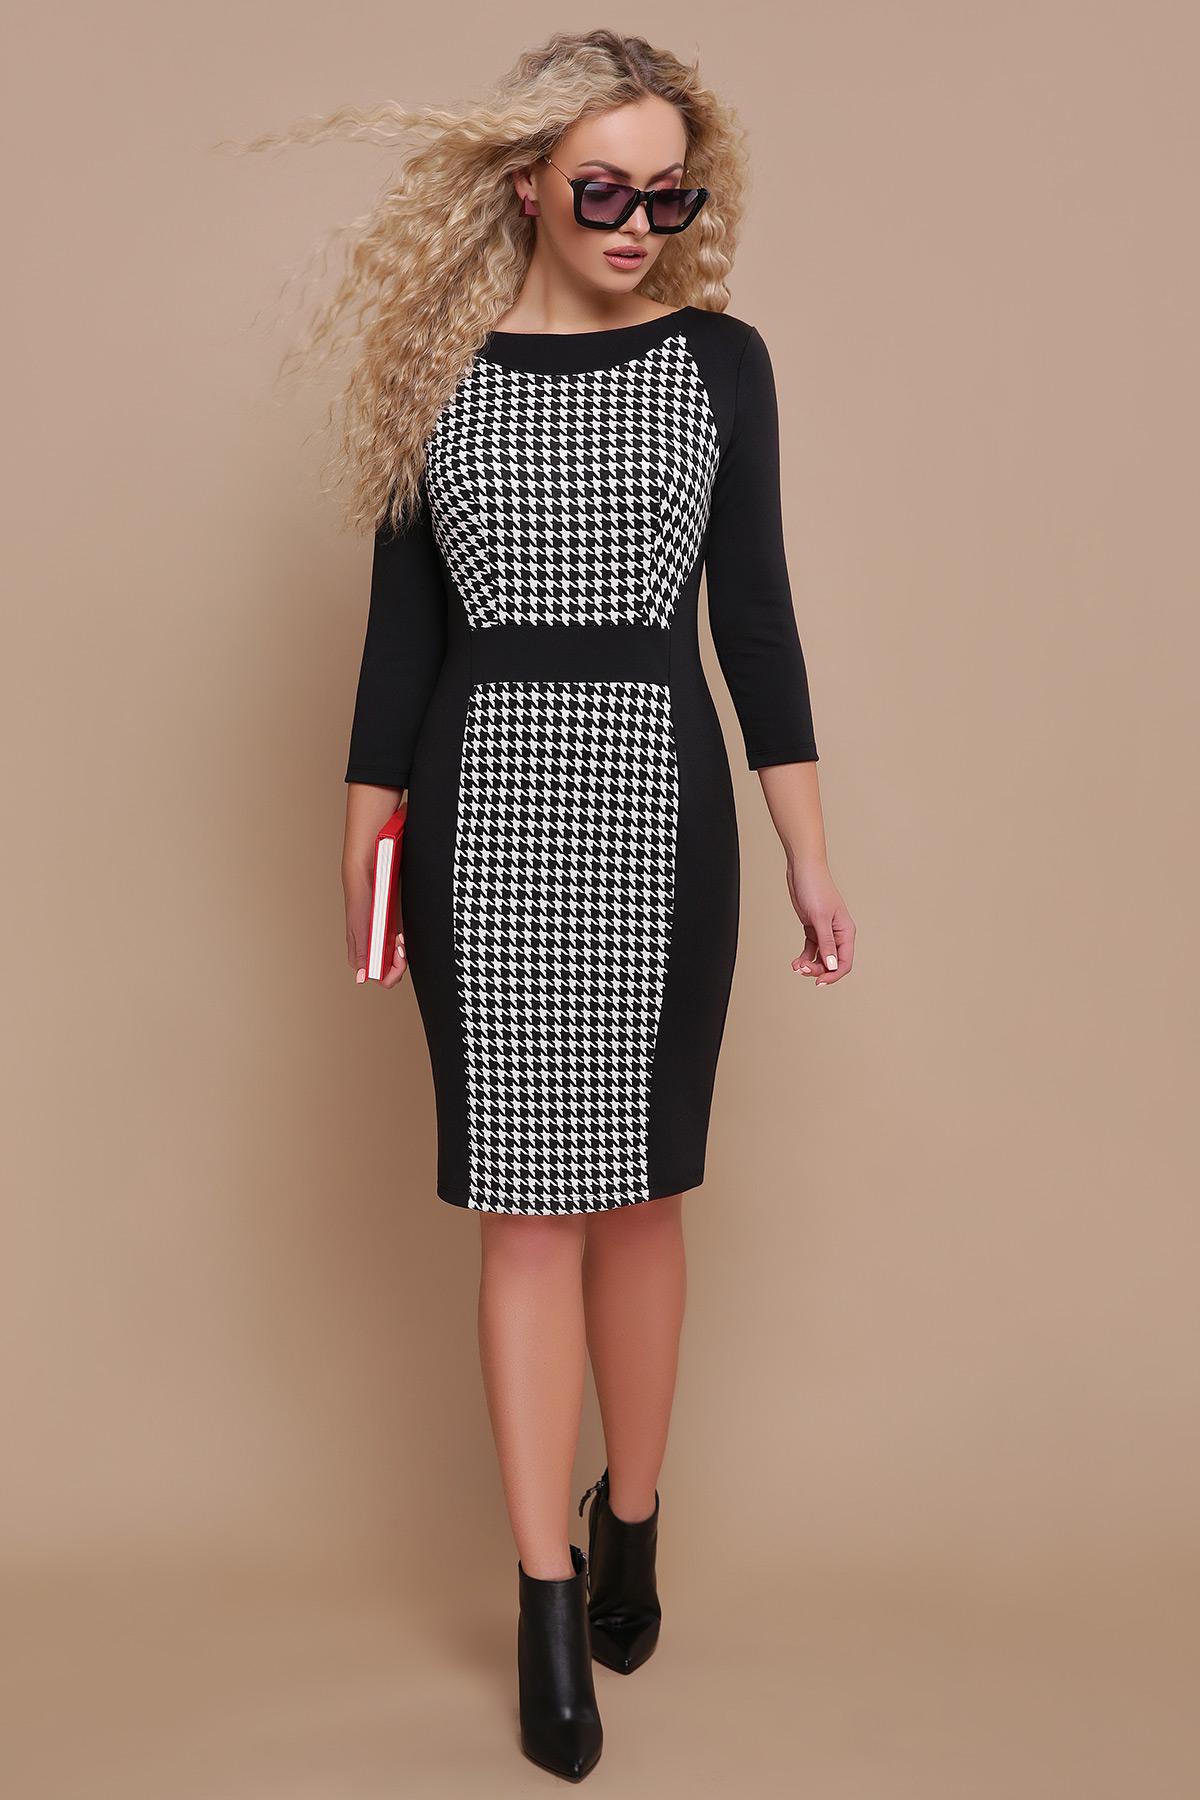 c73d6c31067 Черное платье с рукавом три четверти Шанель д р - купить в Украине